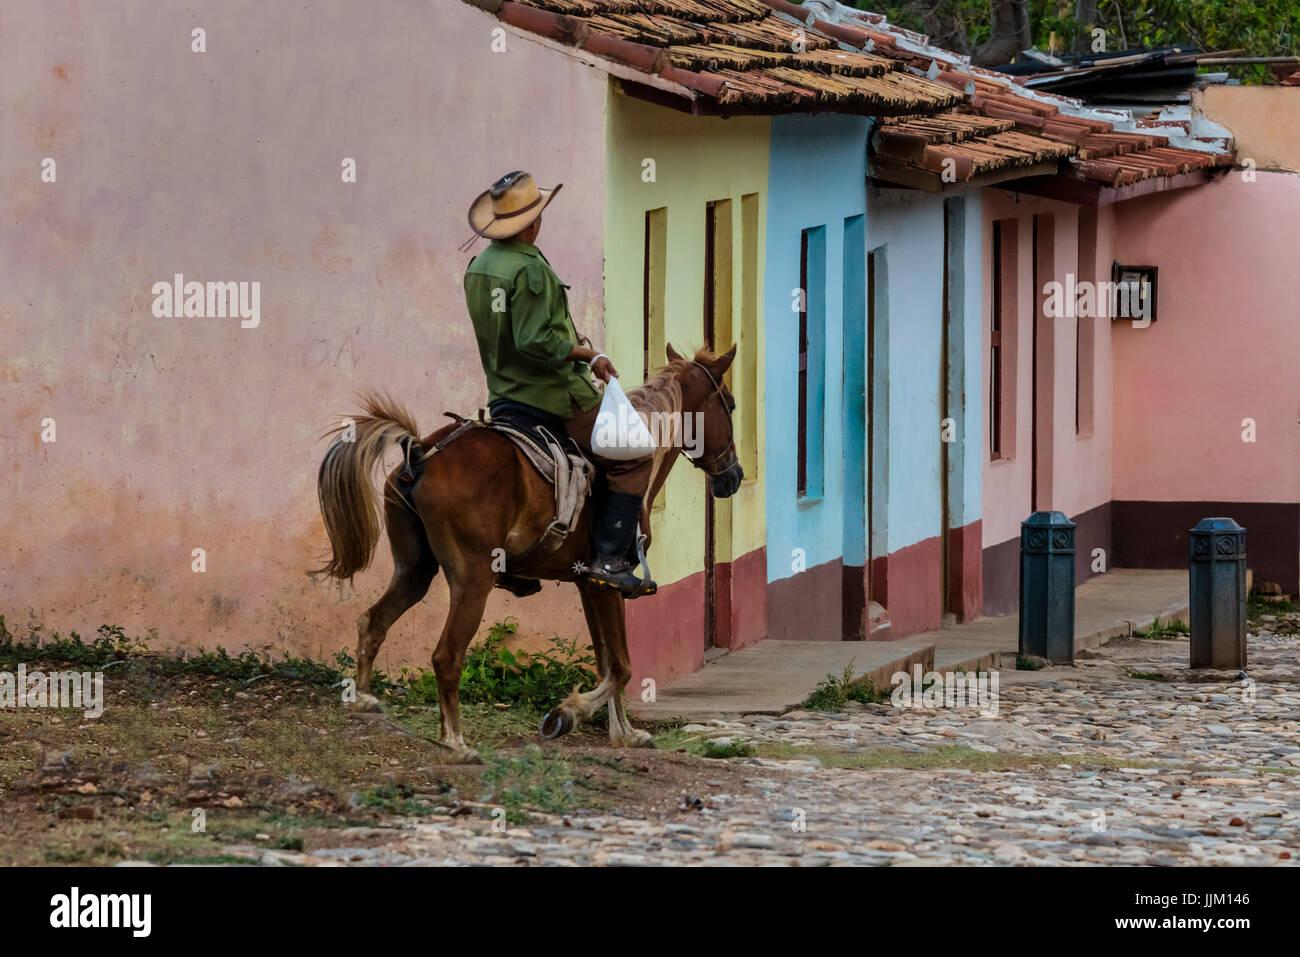 Los caballos y los vaqueros son un sitio común en las calles adoquinadas de la Trinidad, Cuba Imagen De Stock